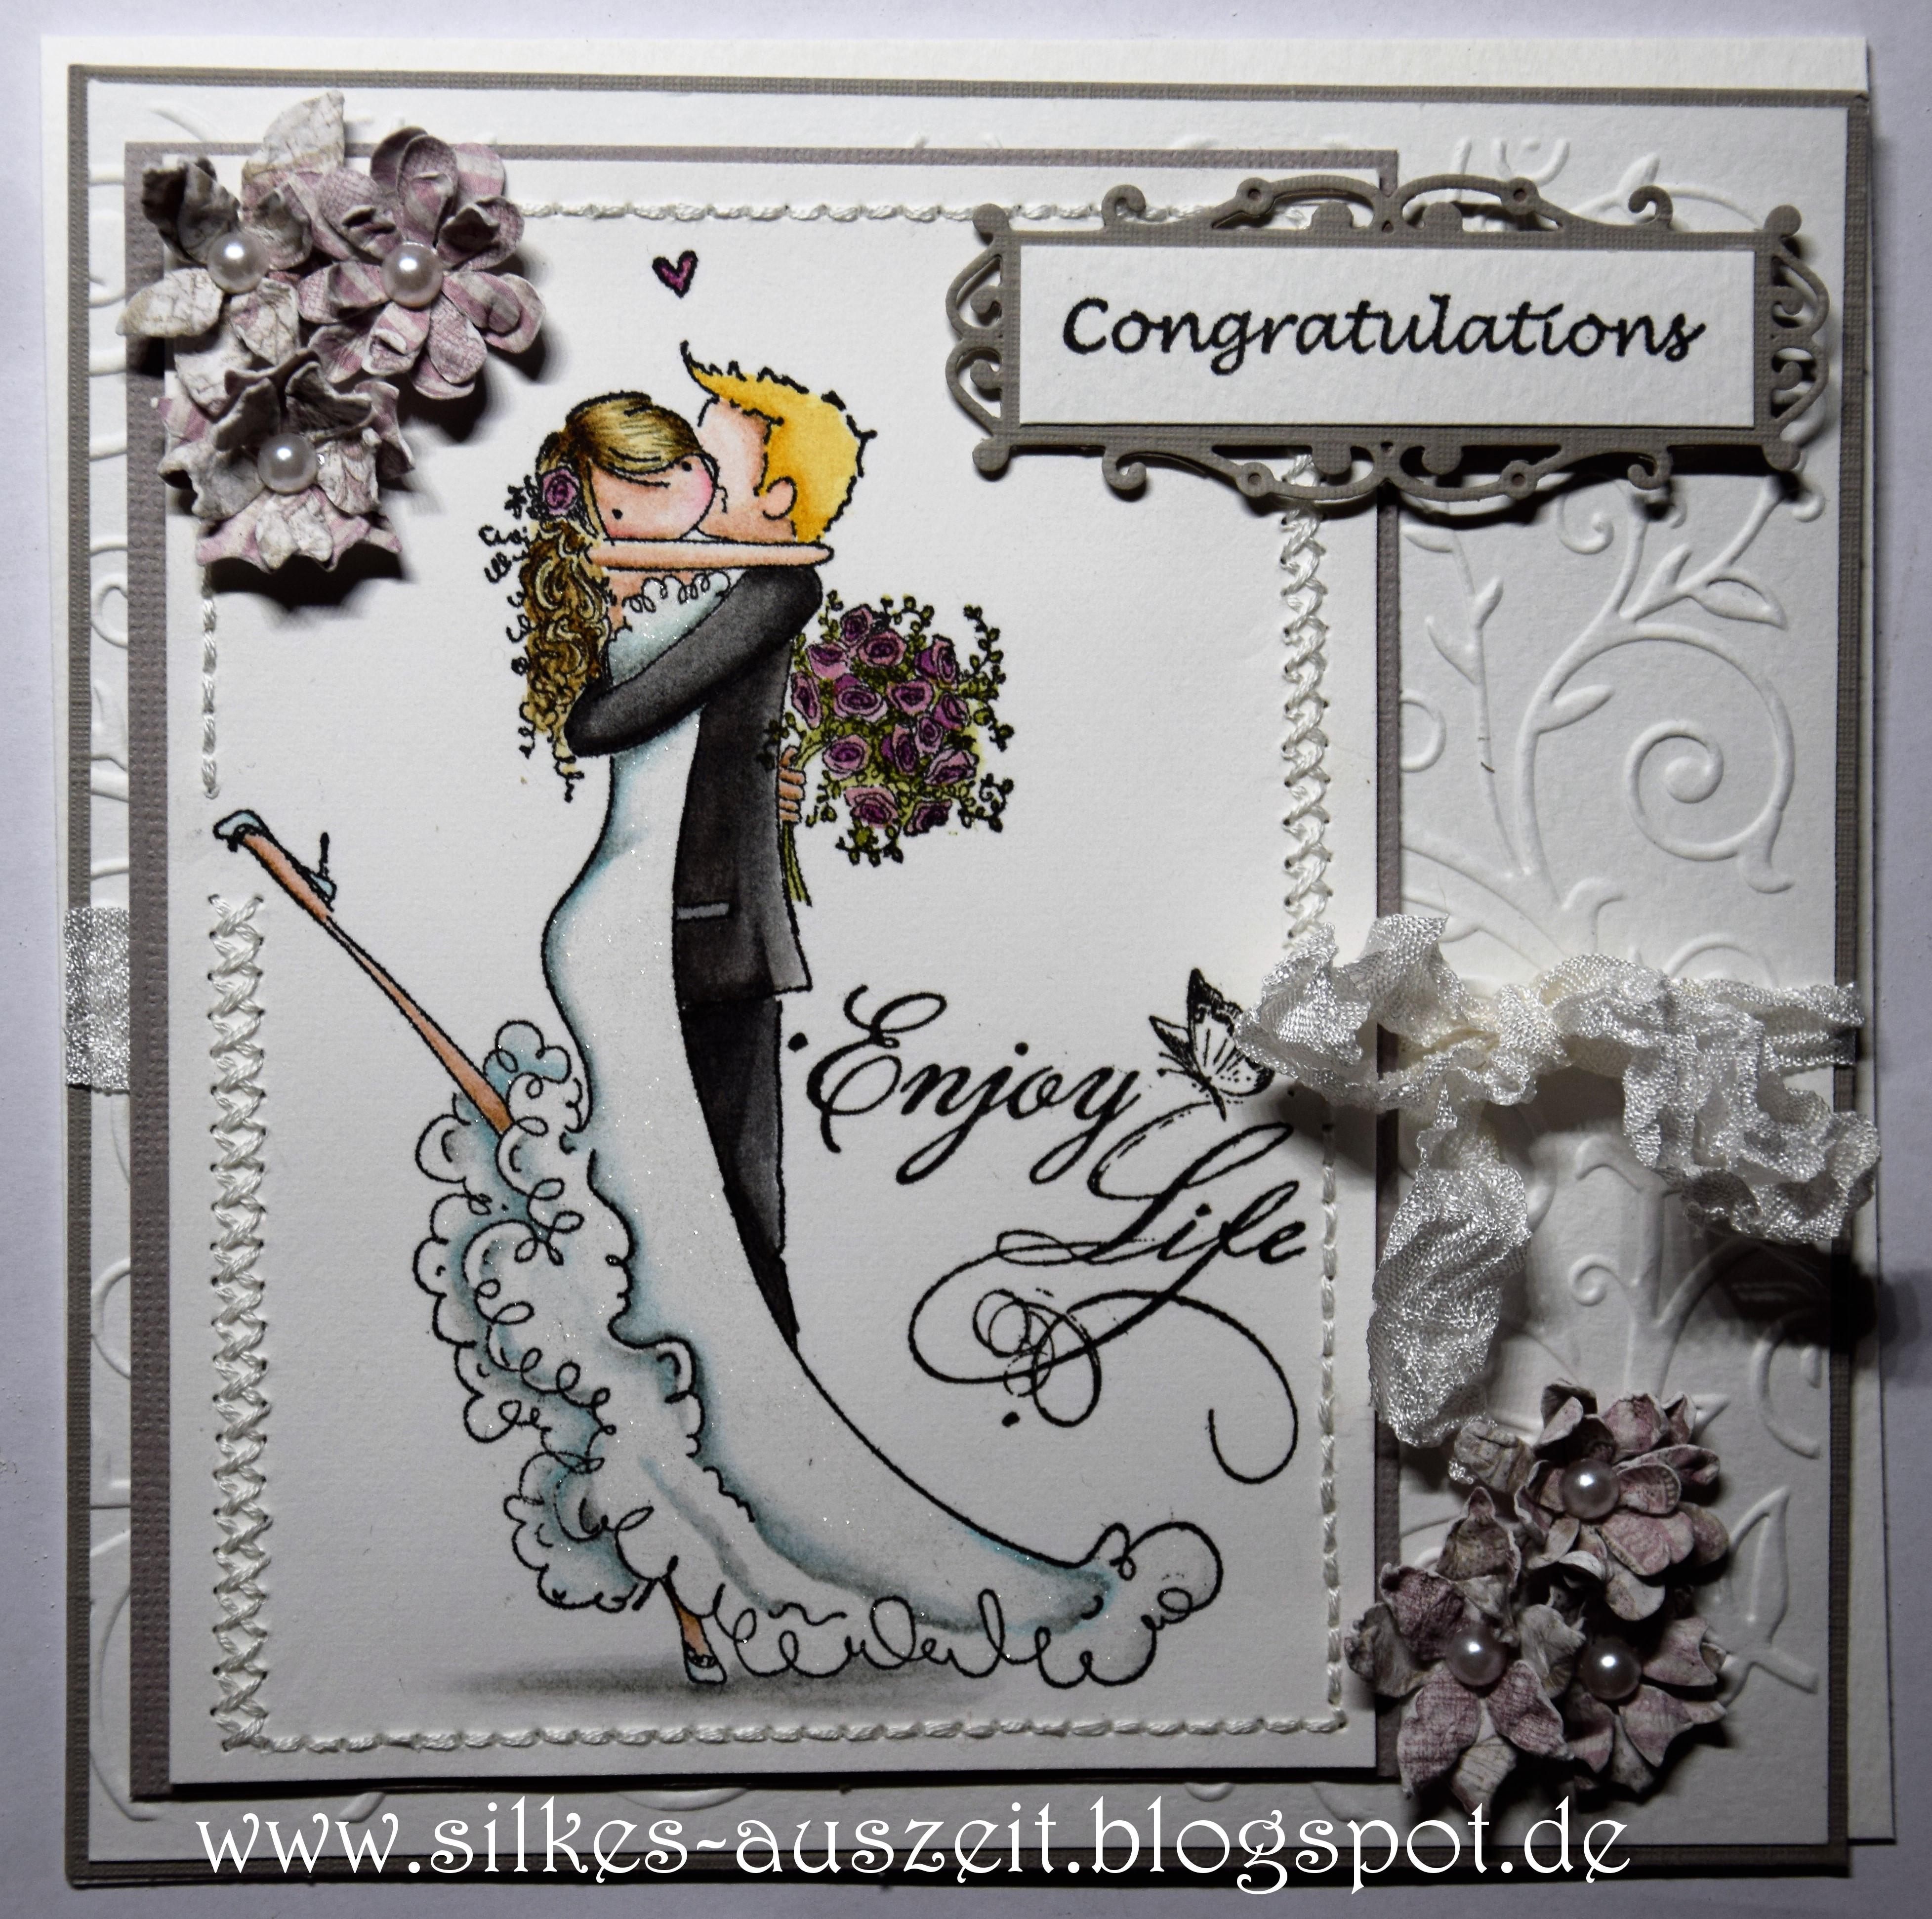 Открытки для свадьбы список